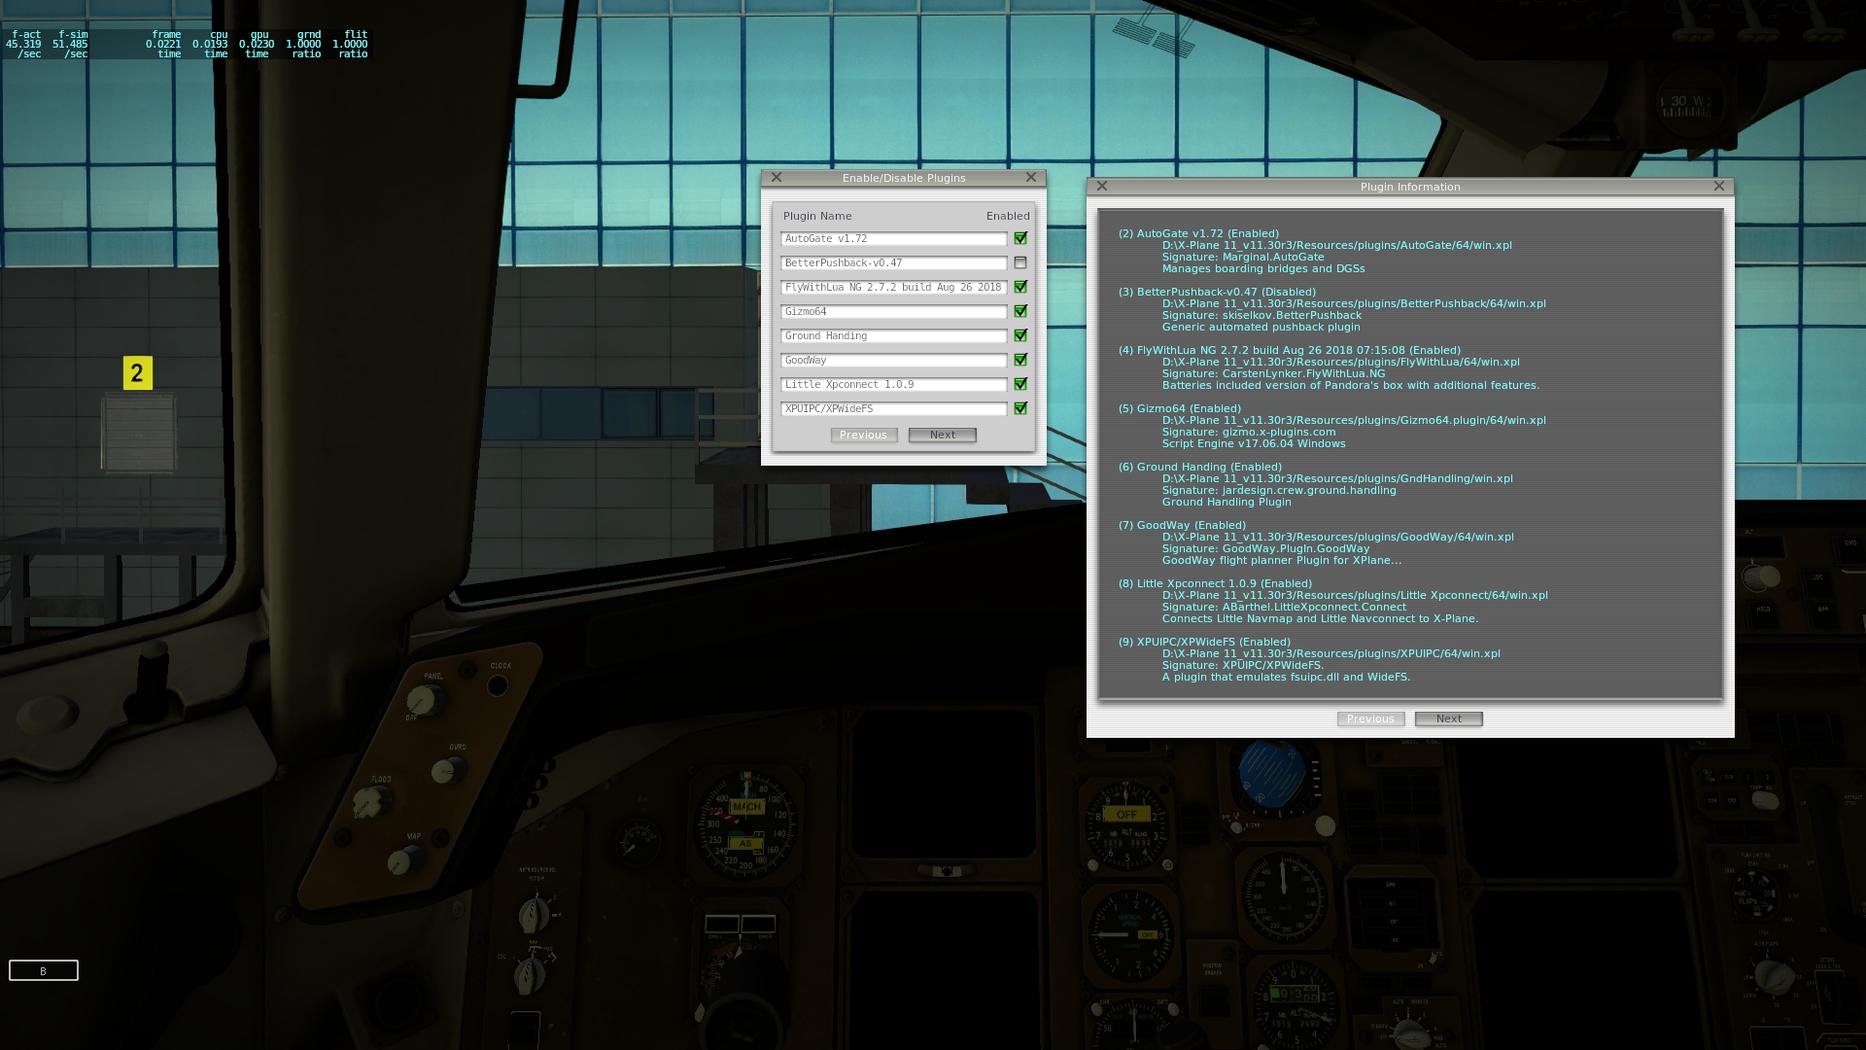 767-300ER_xp11_446.png